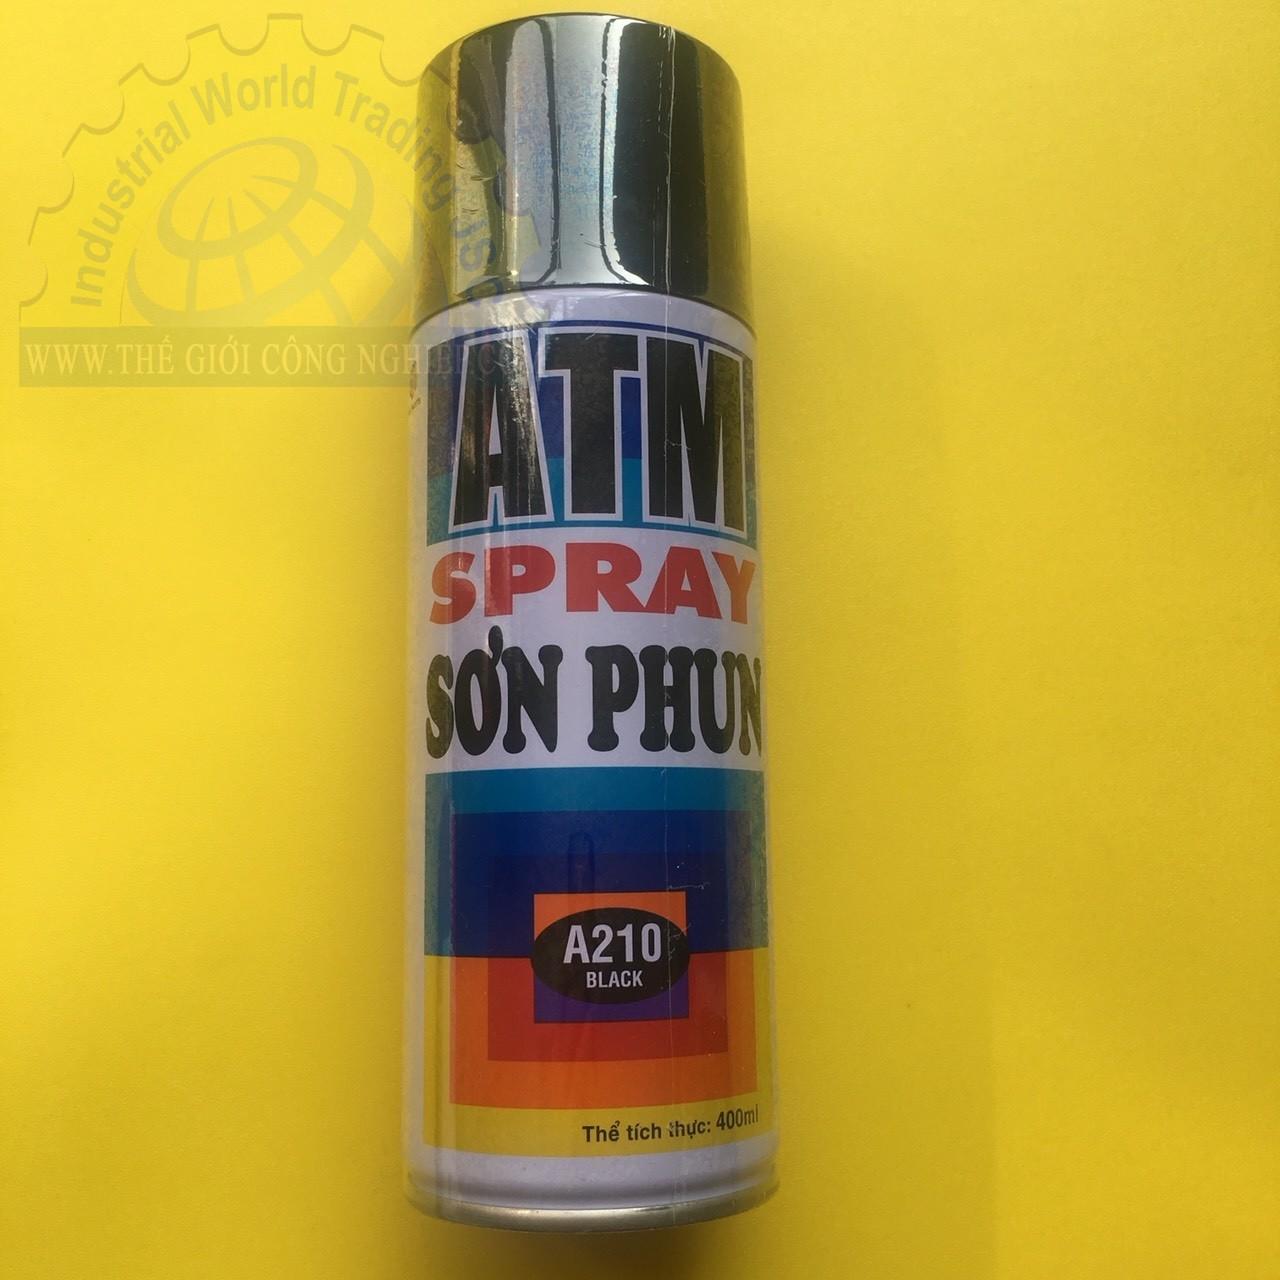 Sơn phun ATM A210 Black, màu đen, chai 400ml (270g) ATMSPRAY